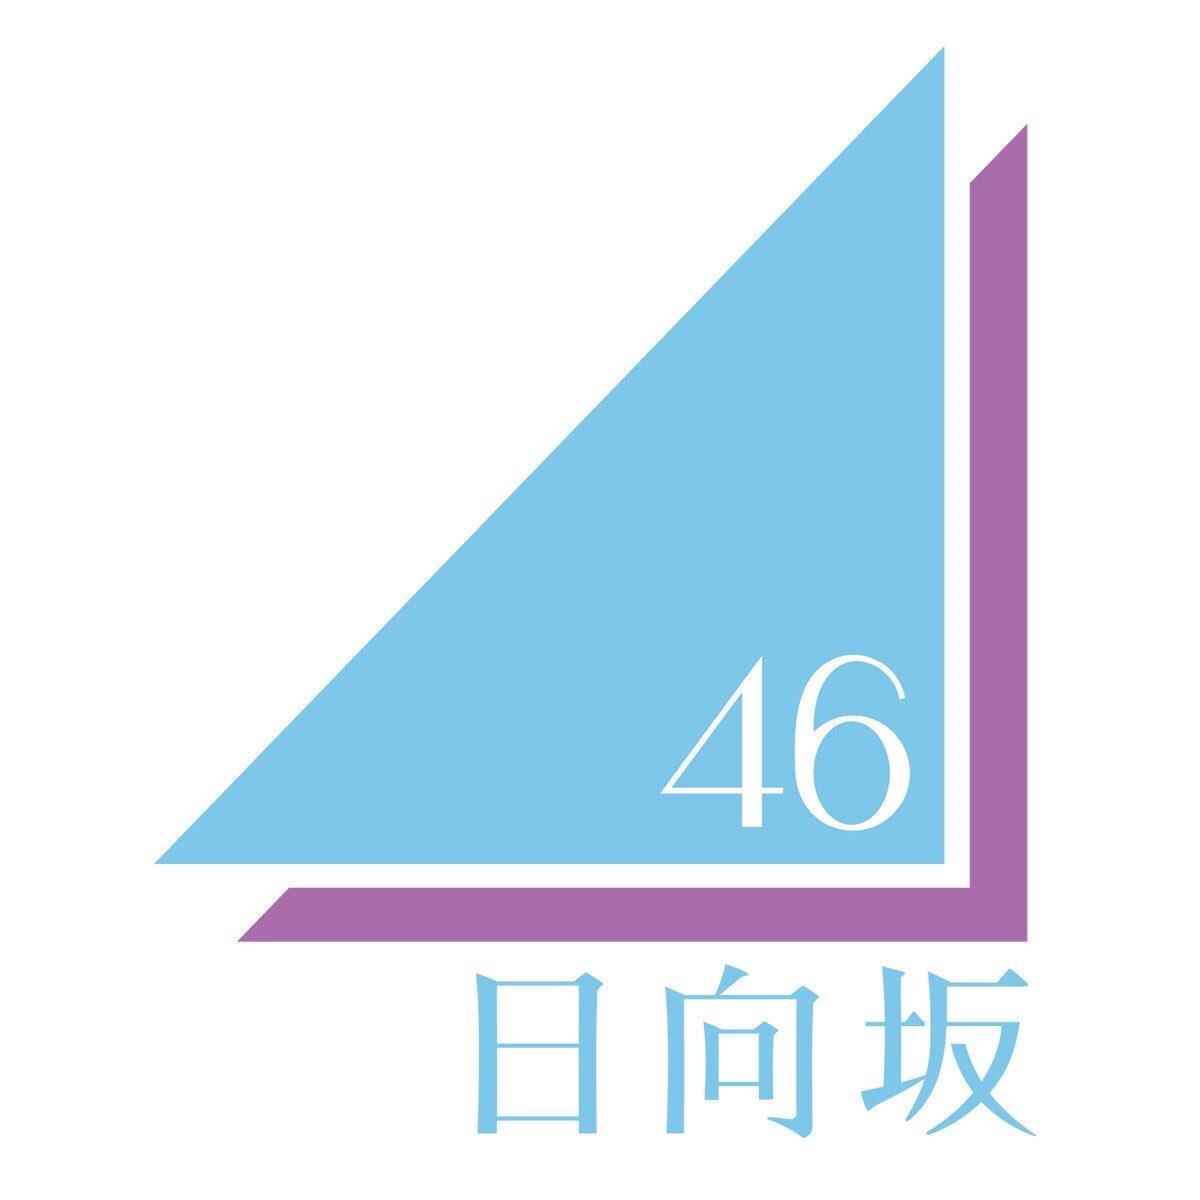 坂道シリーズで特番「坂道テレビ」NHKで23日放送